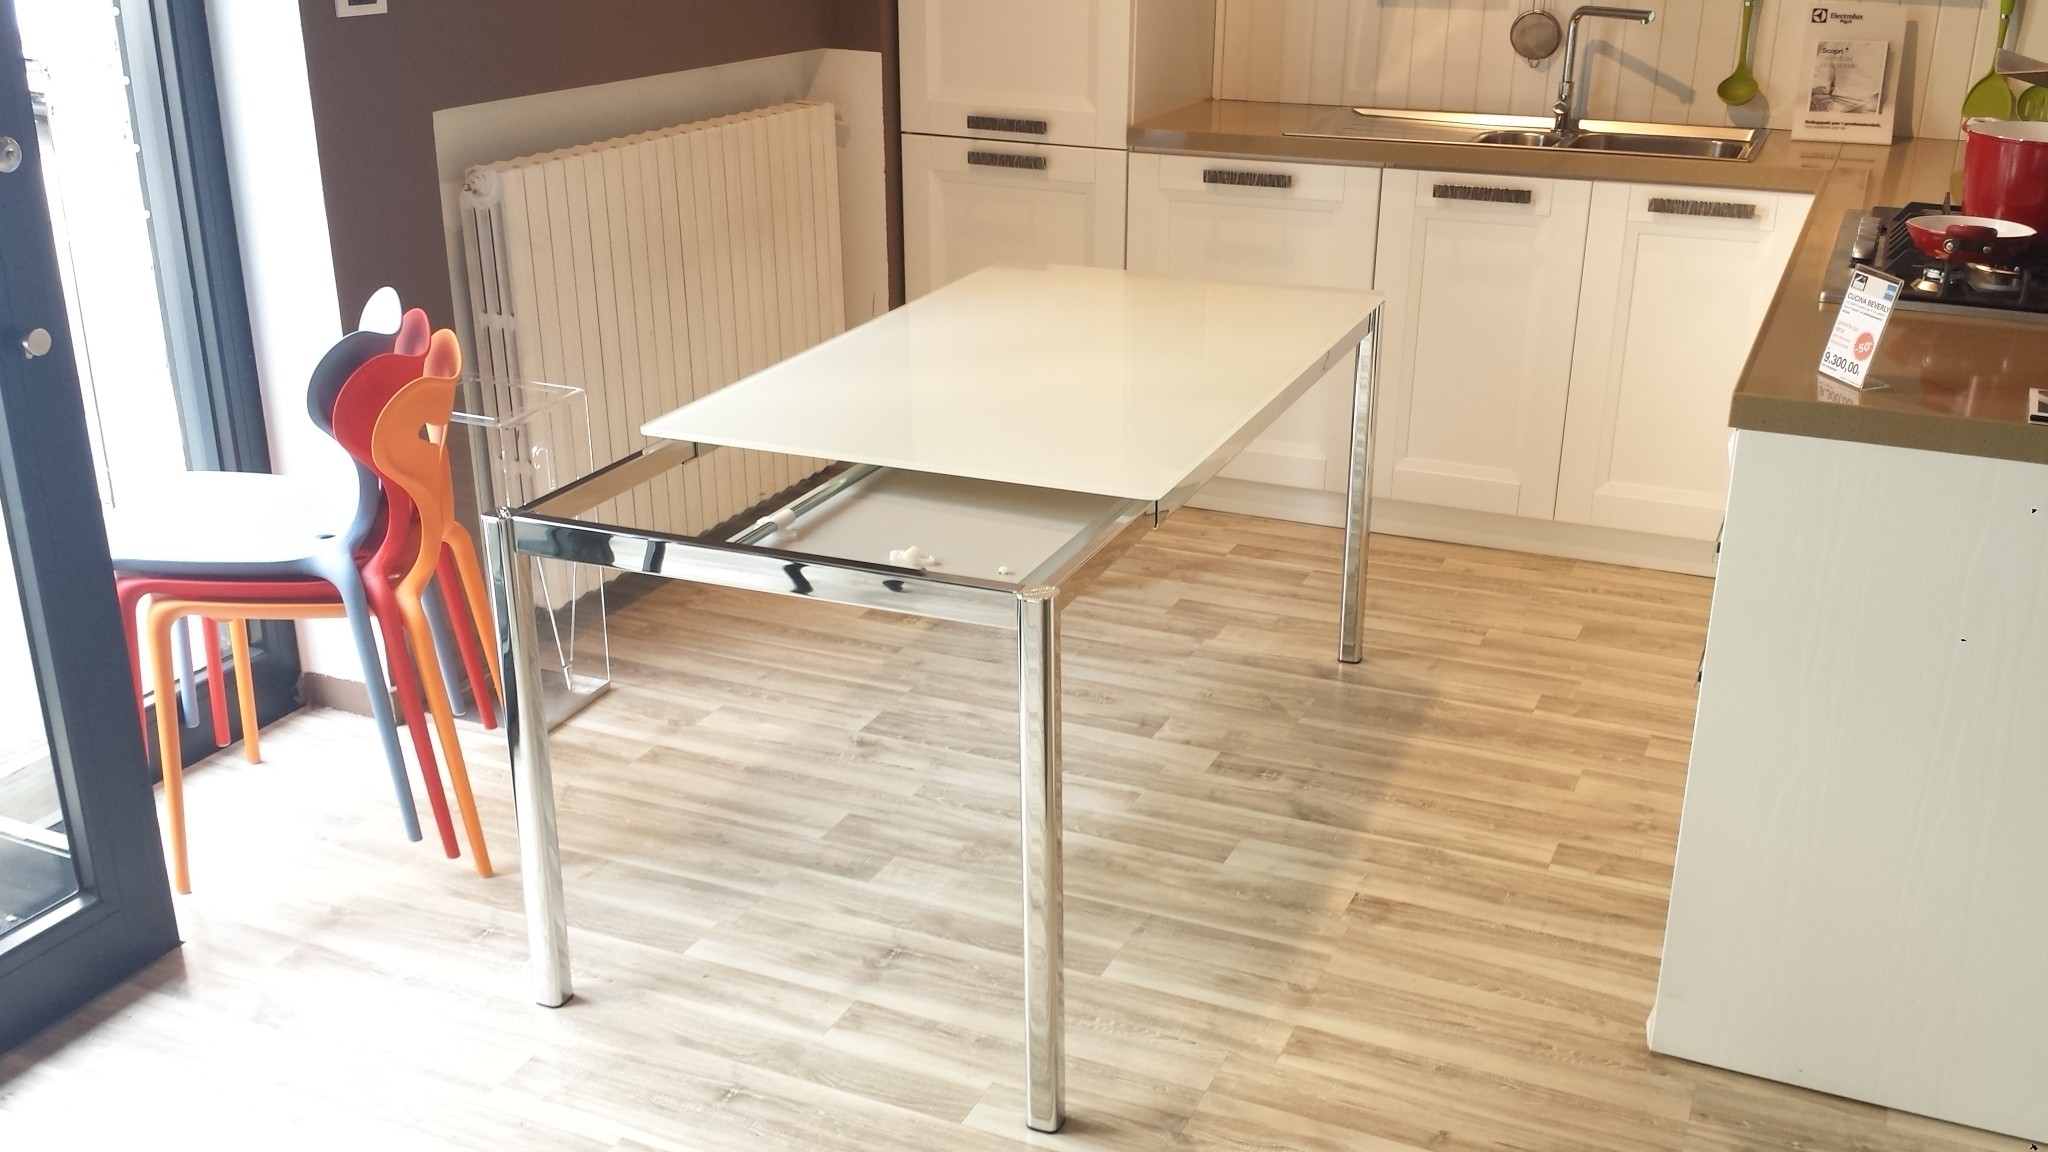 Tavolo da cucina allungabile performance tavoli a prezzi for Tavolo da cucina legno